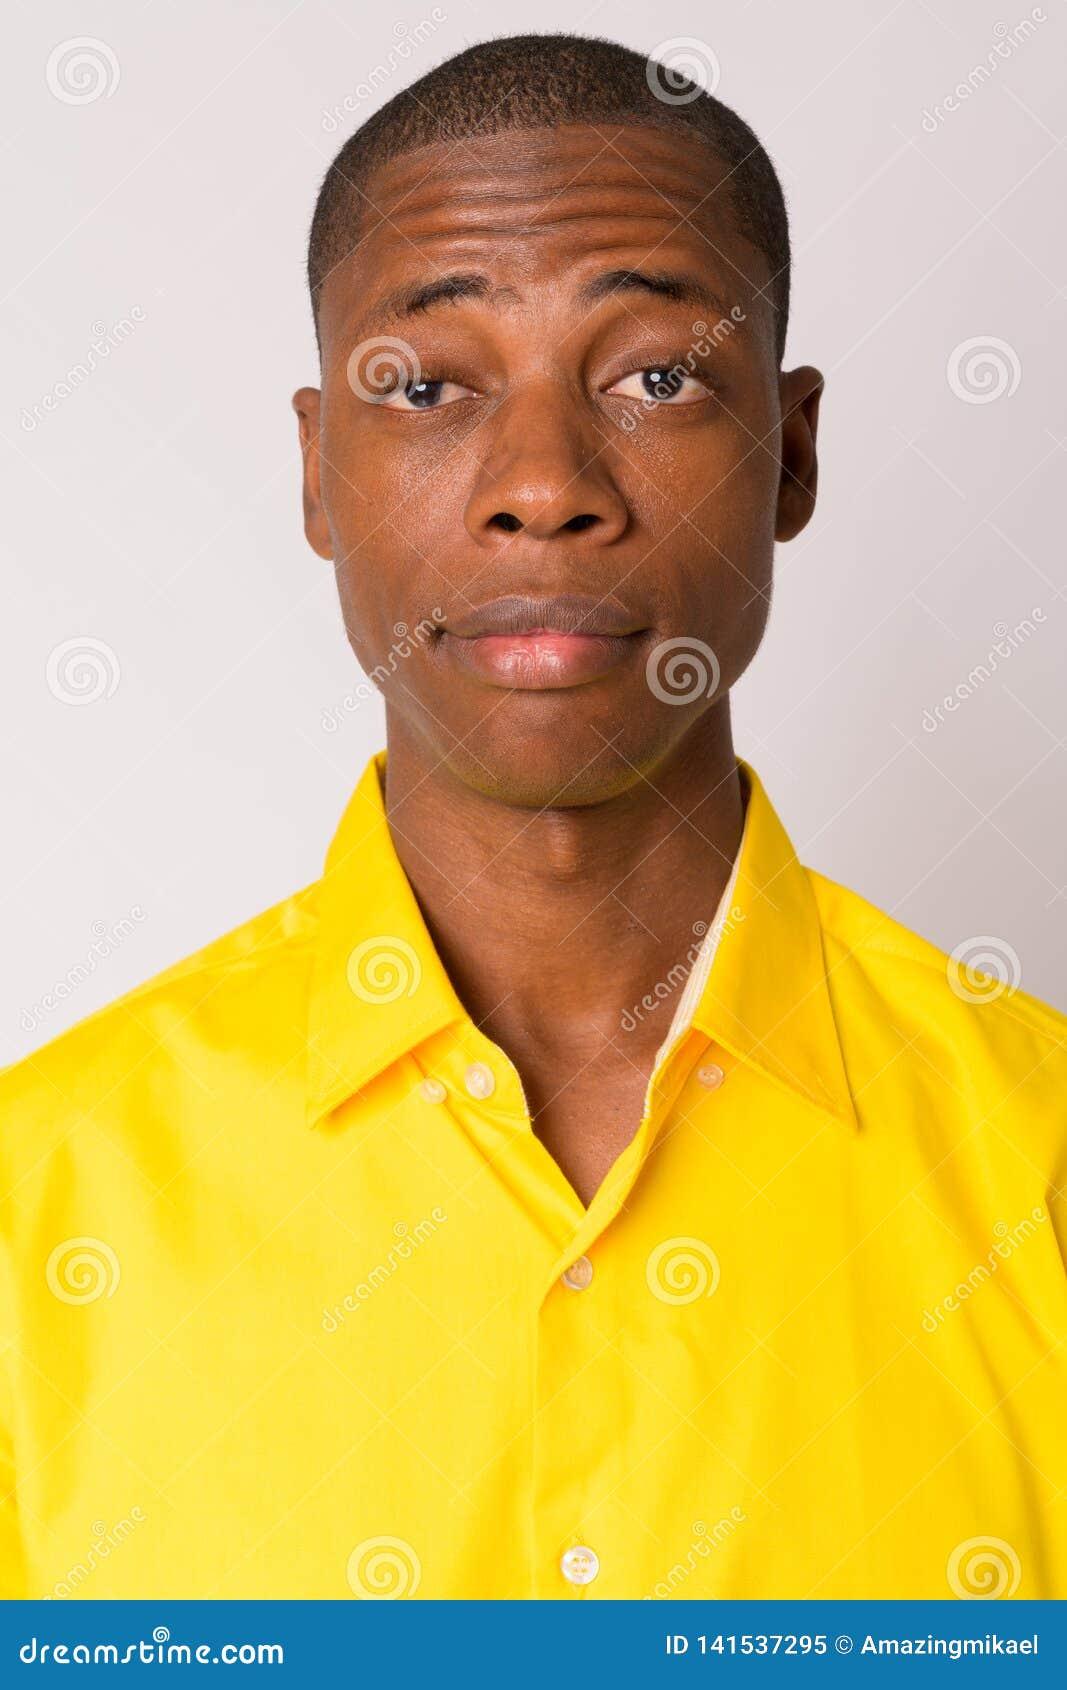 Visage du jeune homme d affaires africain chauve bel utilisant la chemise jaune